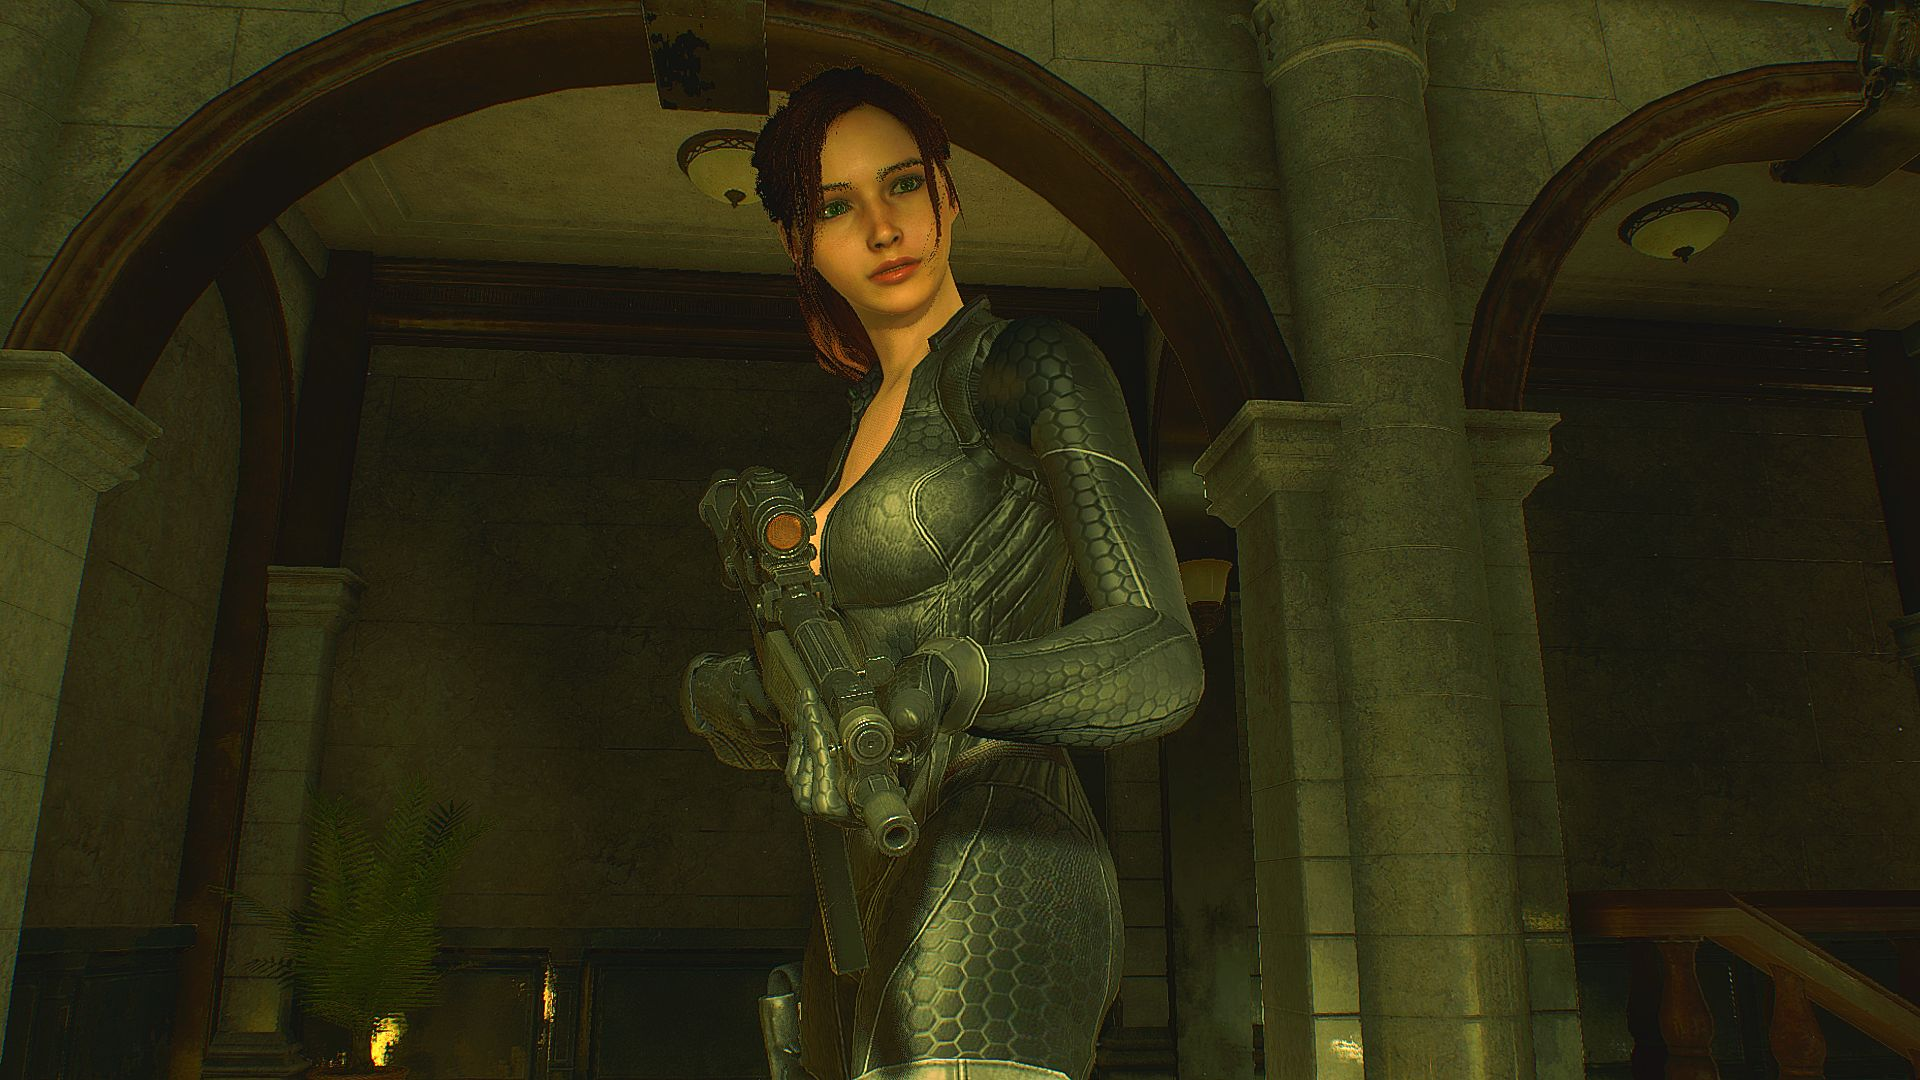 001331.Jpg - Resident Evil 2